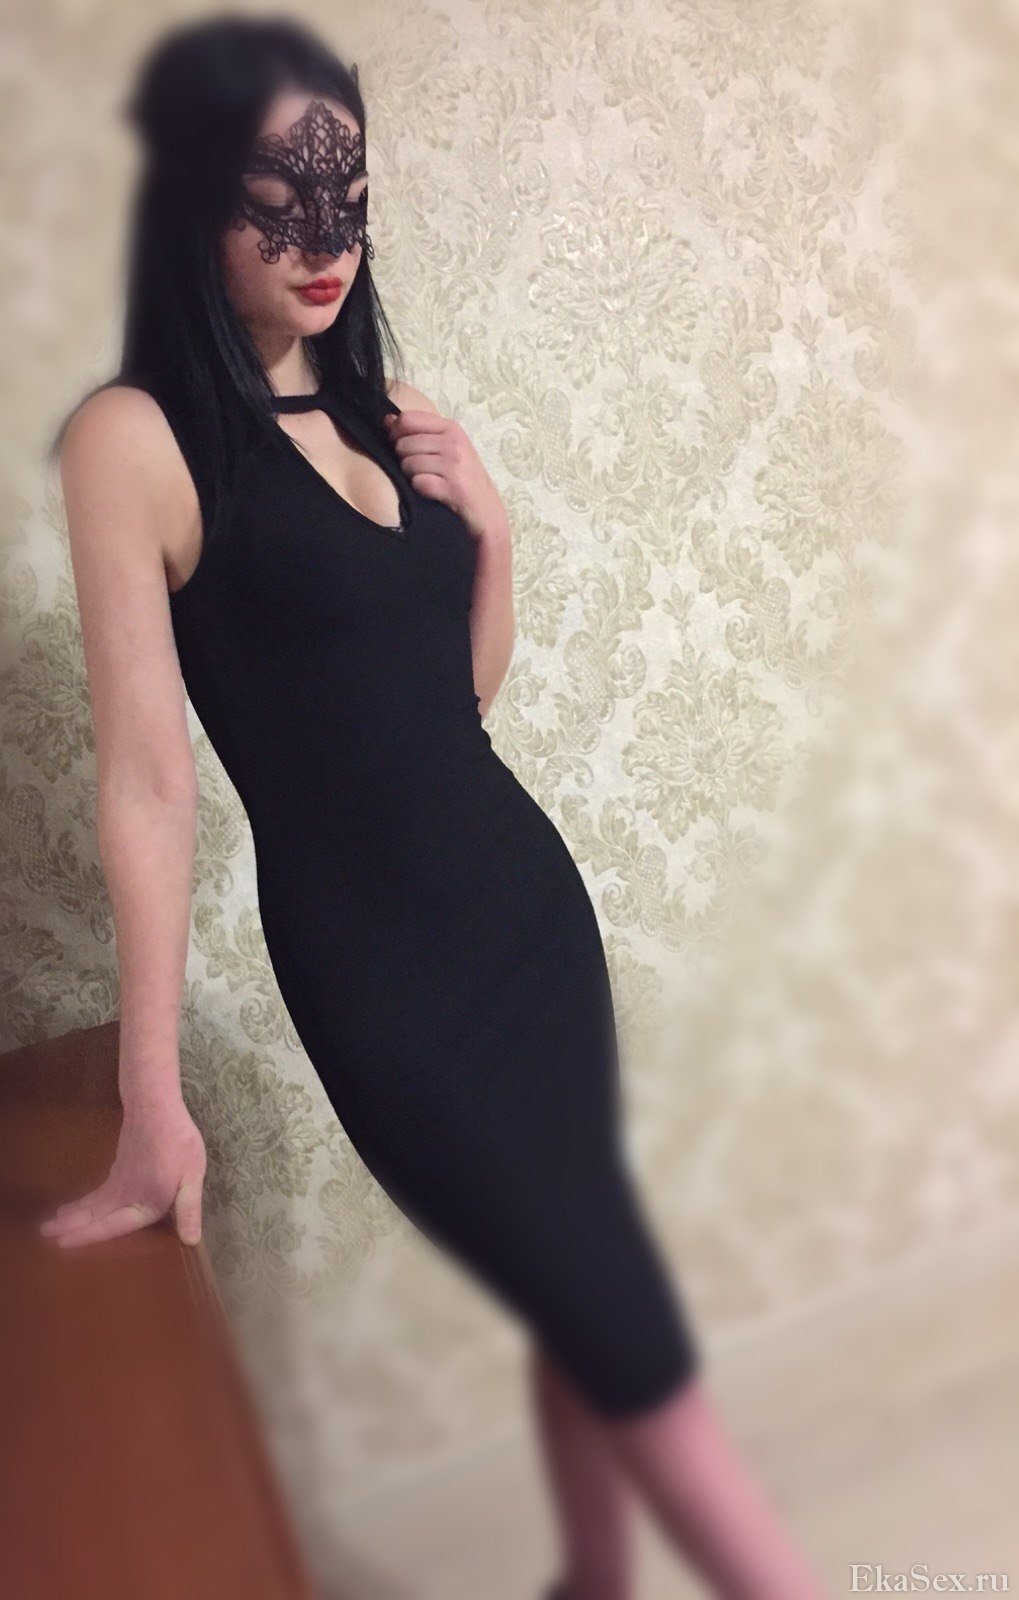 фото проститутки Милана из города Екатеринбург